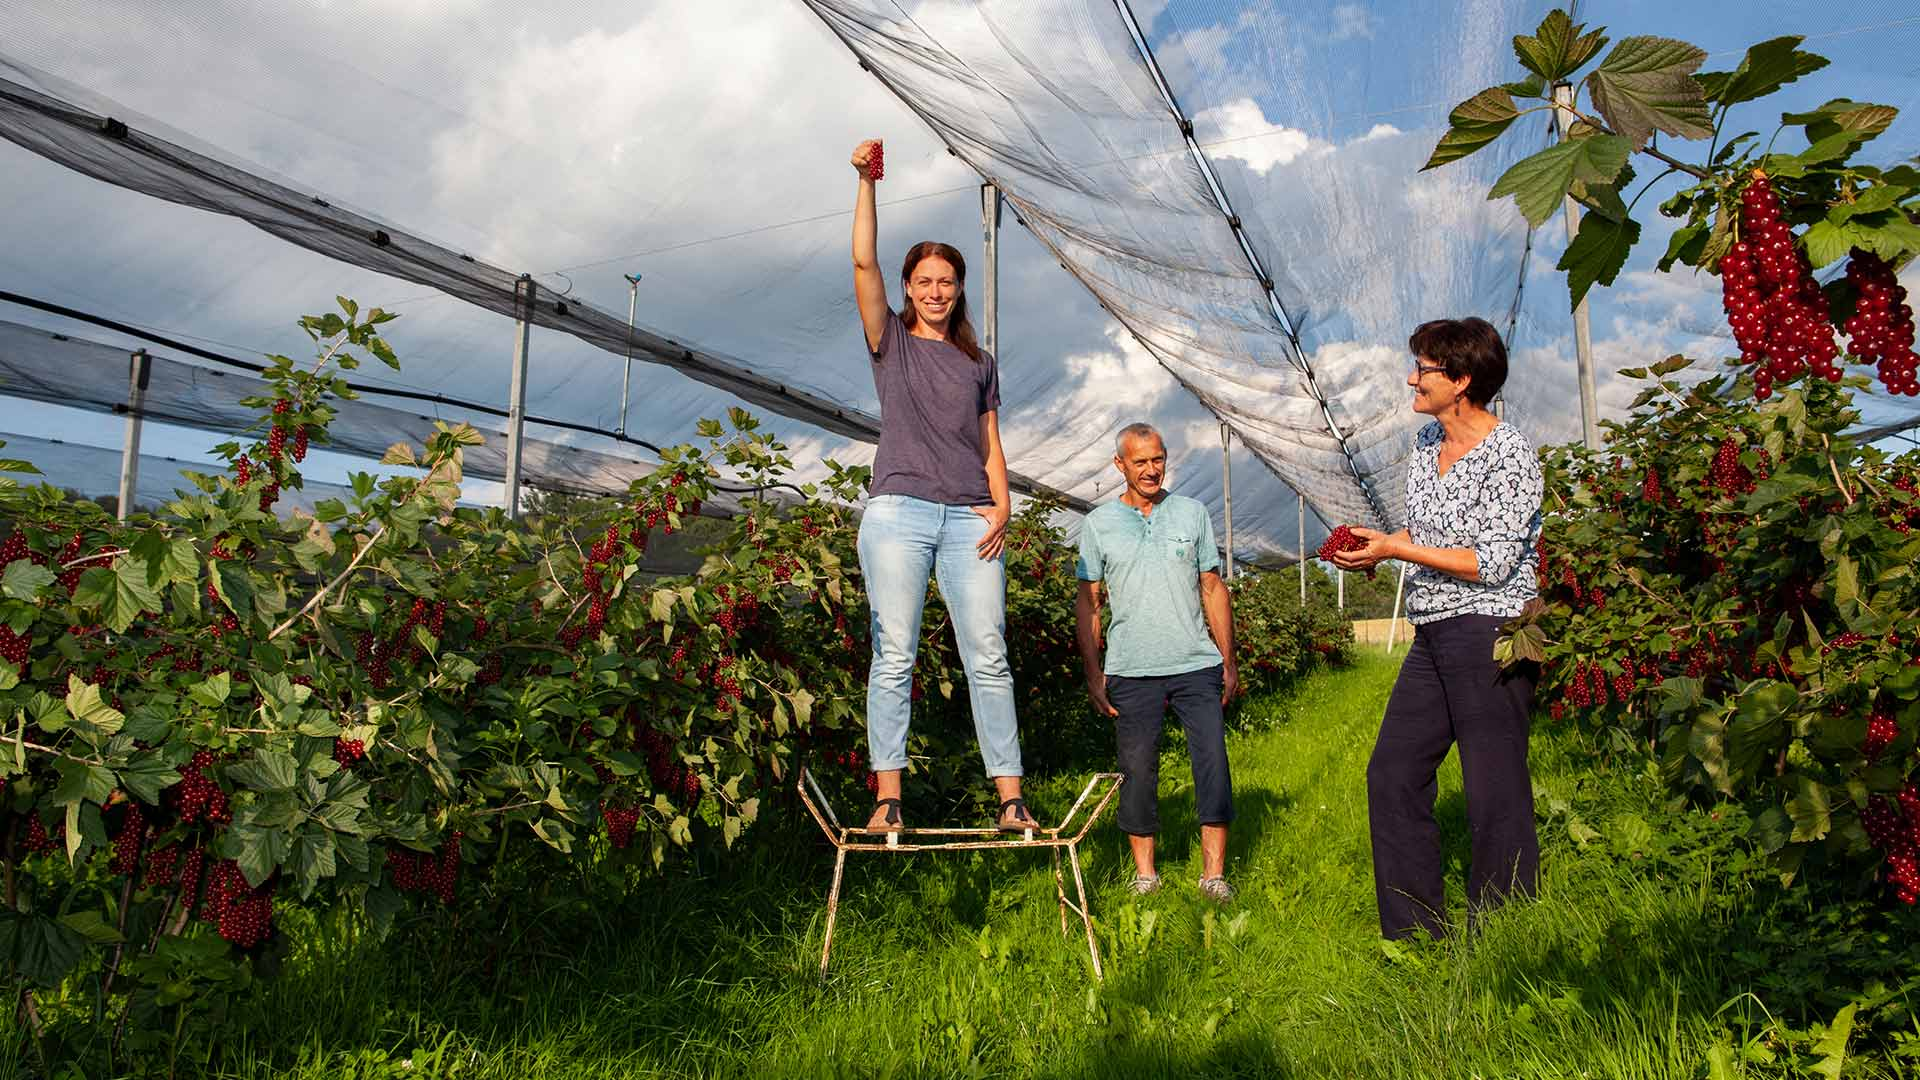 Beerengut Bauerngemeinschaft Straden Familie Gombotz